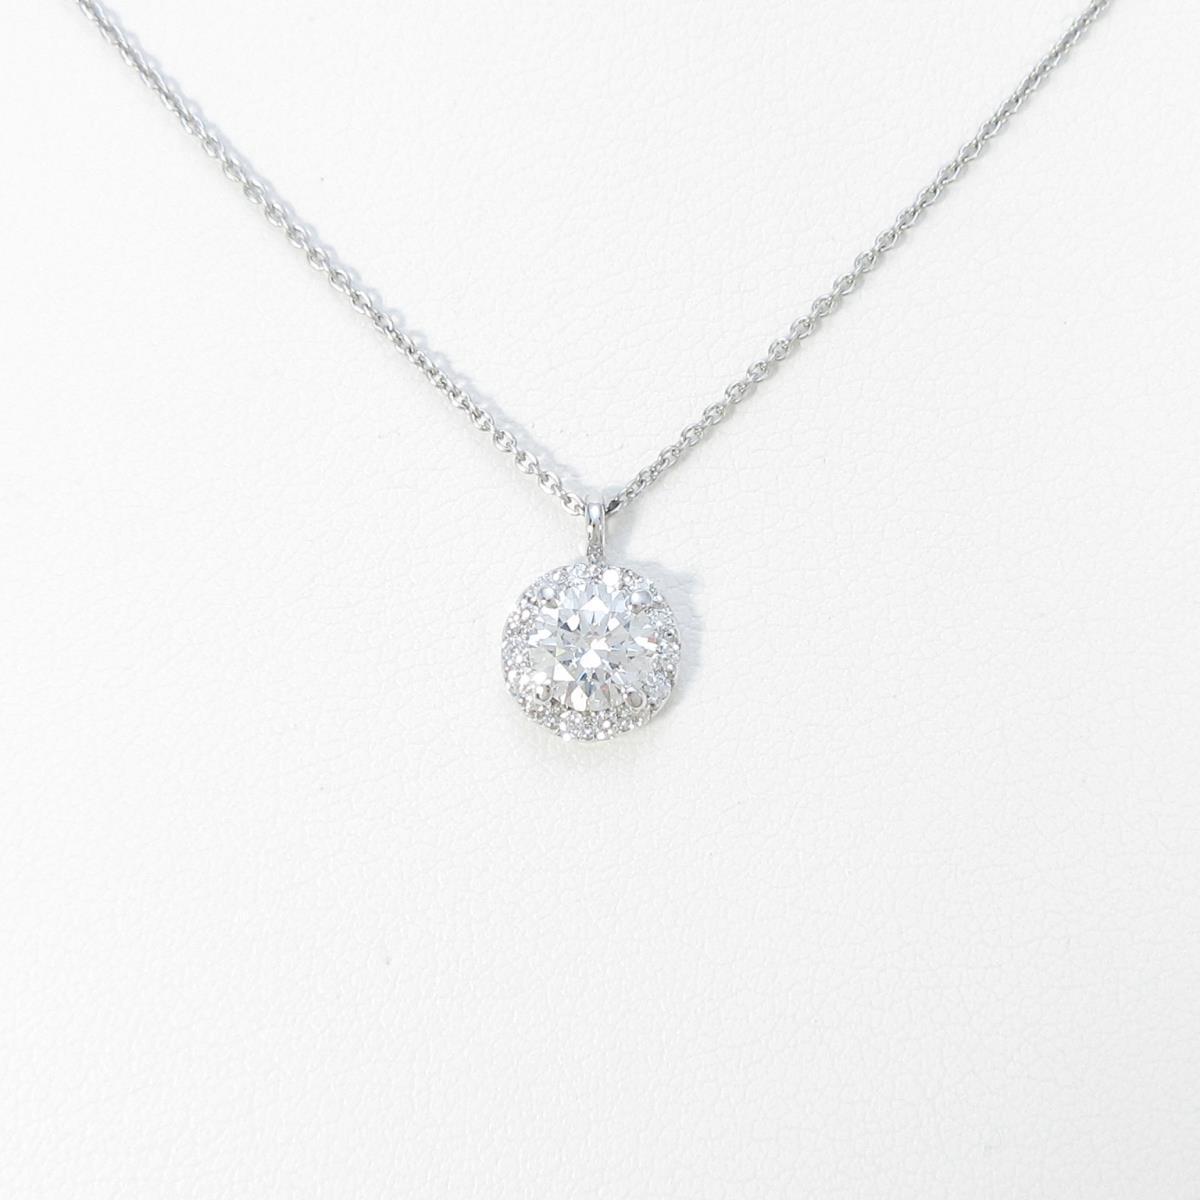 【リメイク】プラチナダイヤモンドネックレス 0.578ct・F・SI1・3EXT・H&C【中古】